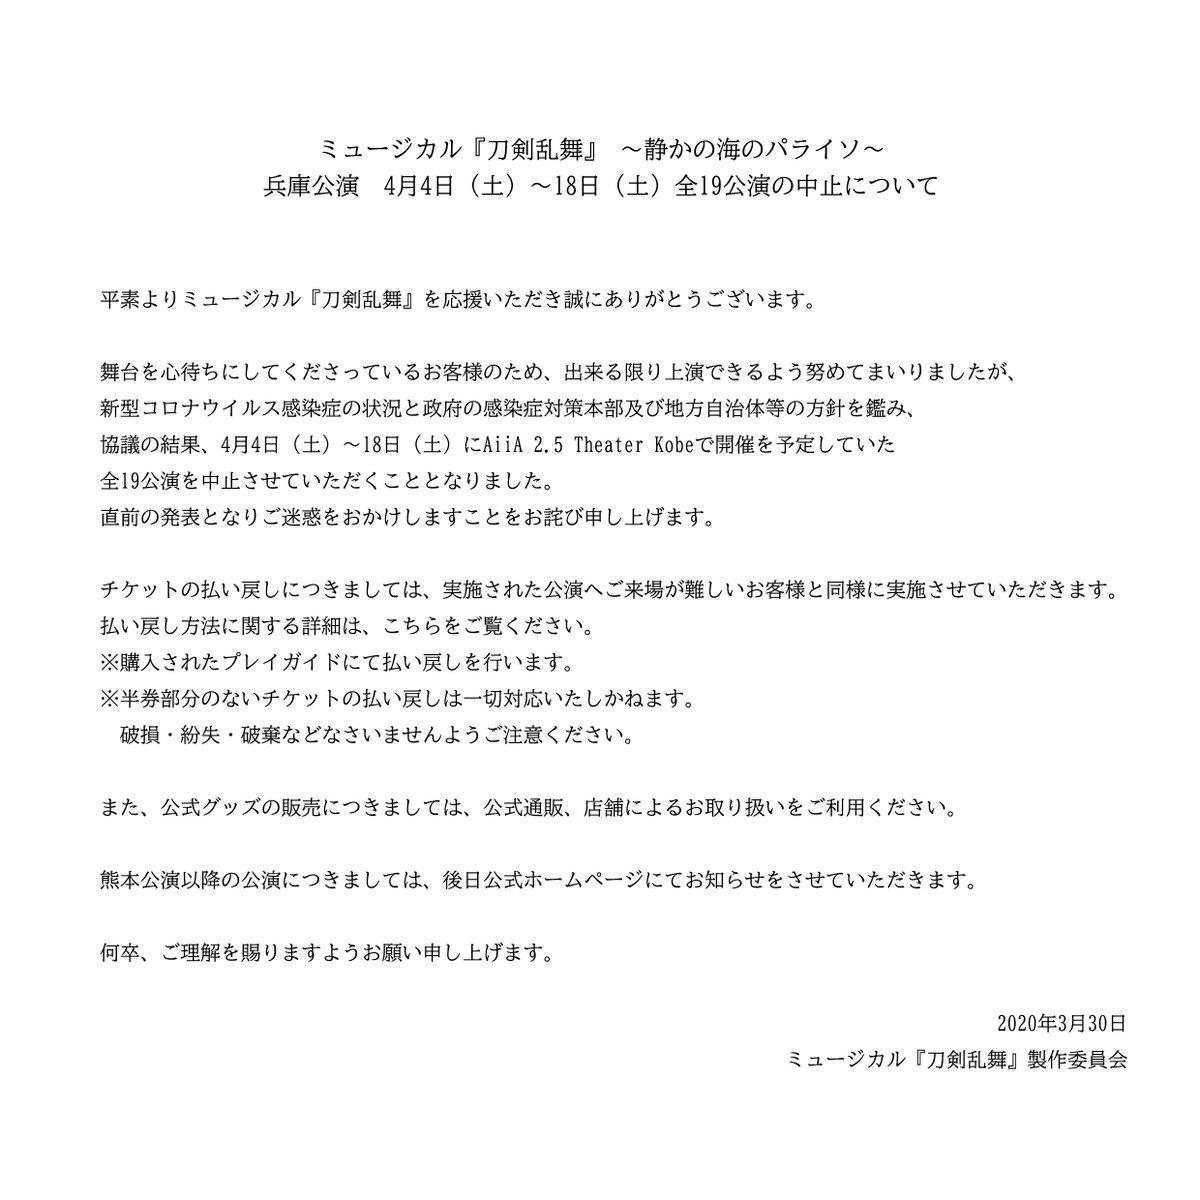 【パライソ】兵庫公演に関する重要なお知らせを掲載しました。4月4日(土)~18日(土)に予定していた全19公演を中止させていただきます。詳しくはこちらのページをご覧ください。